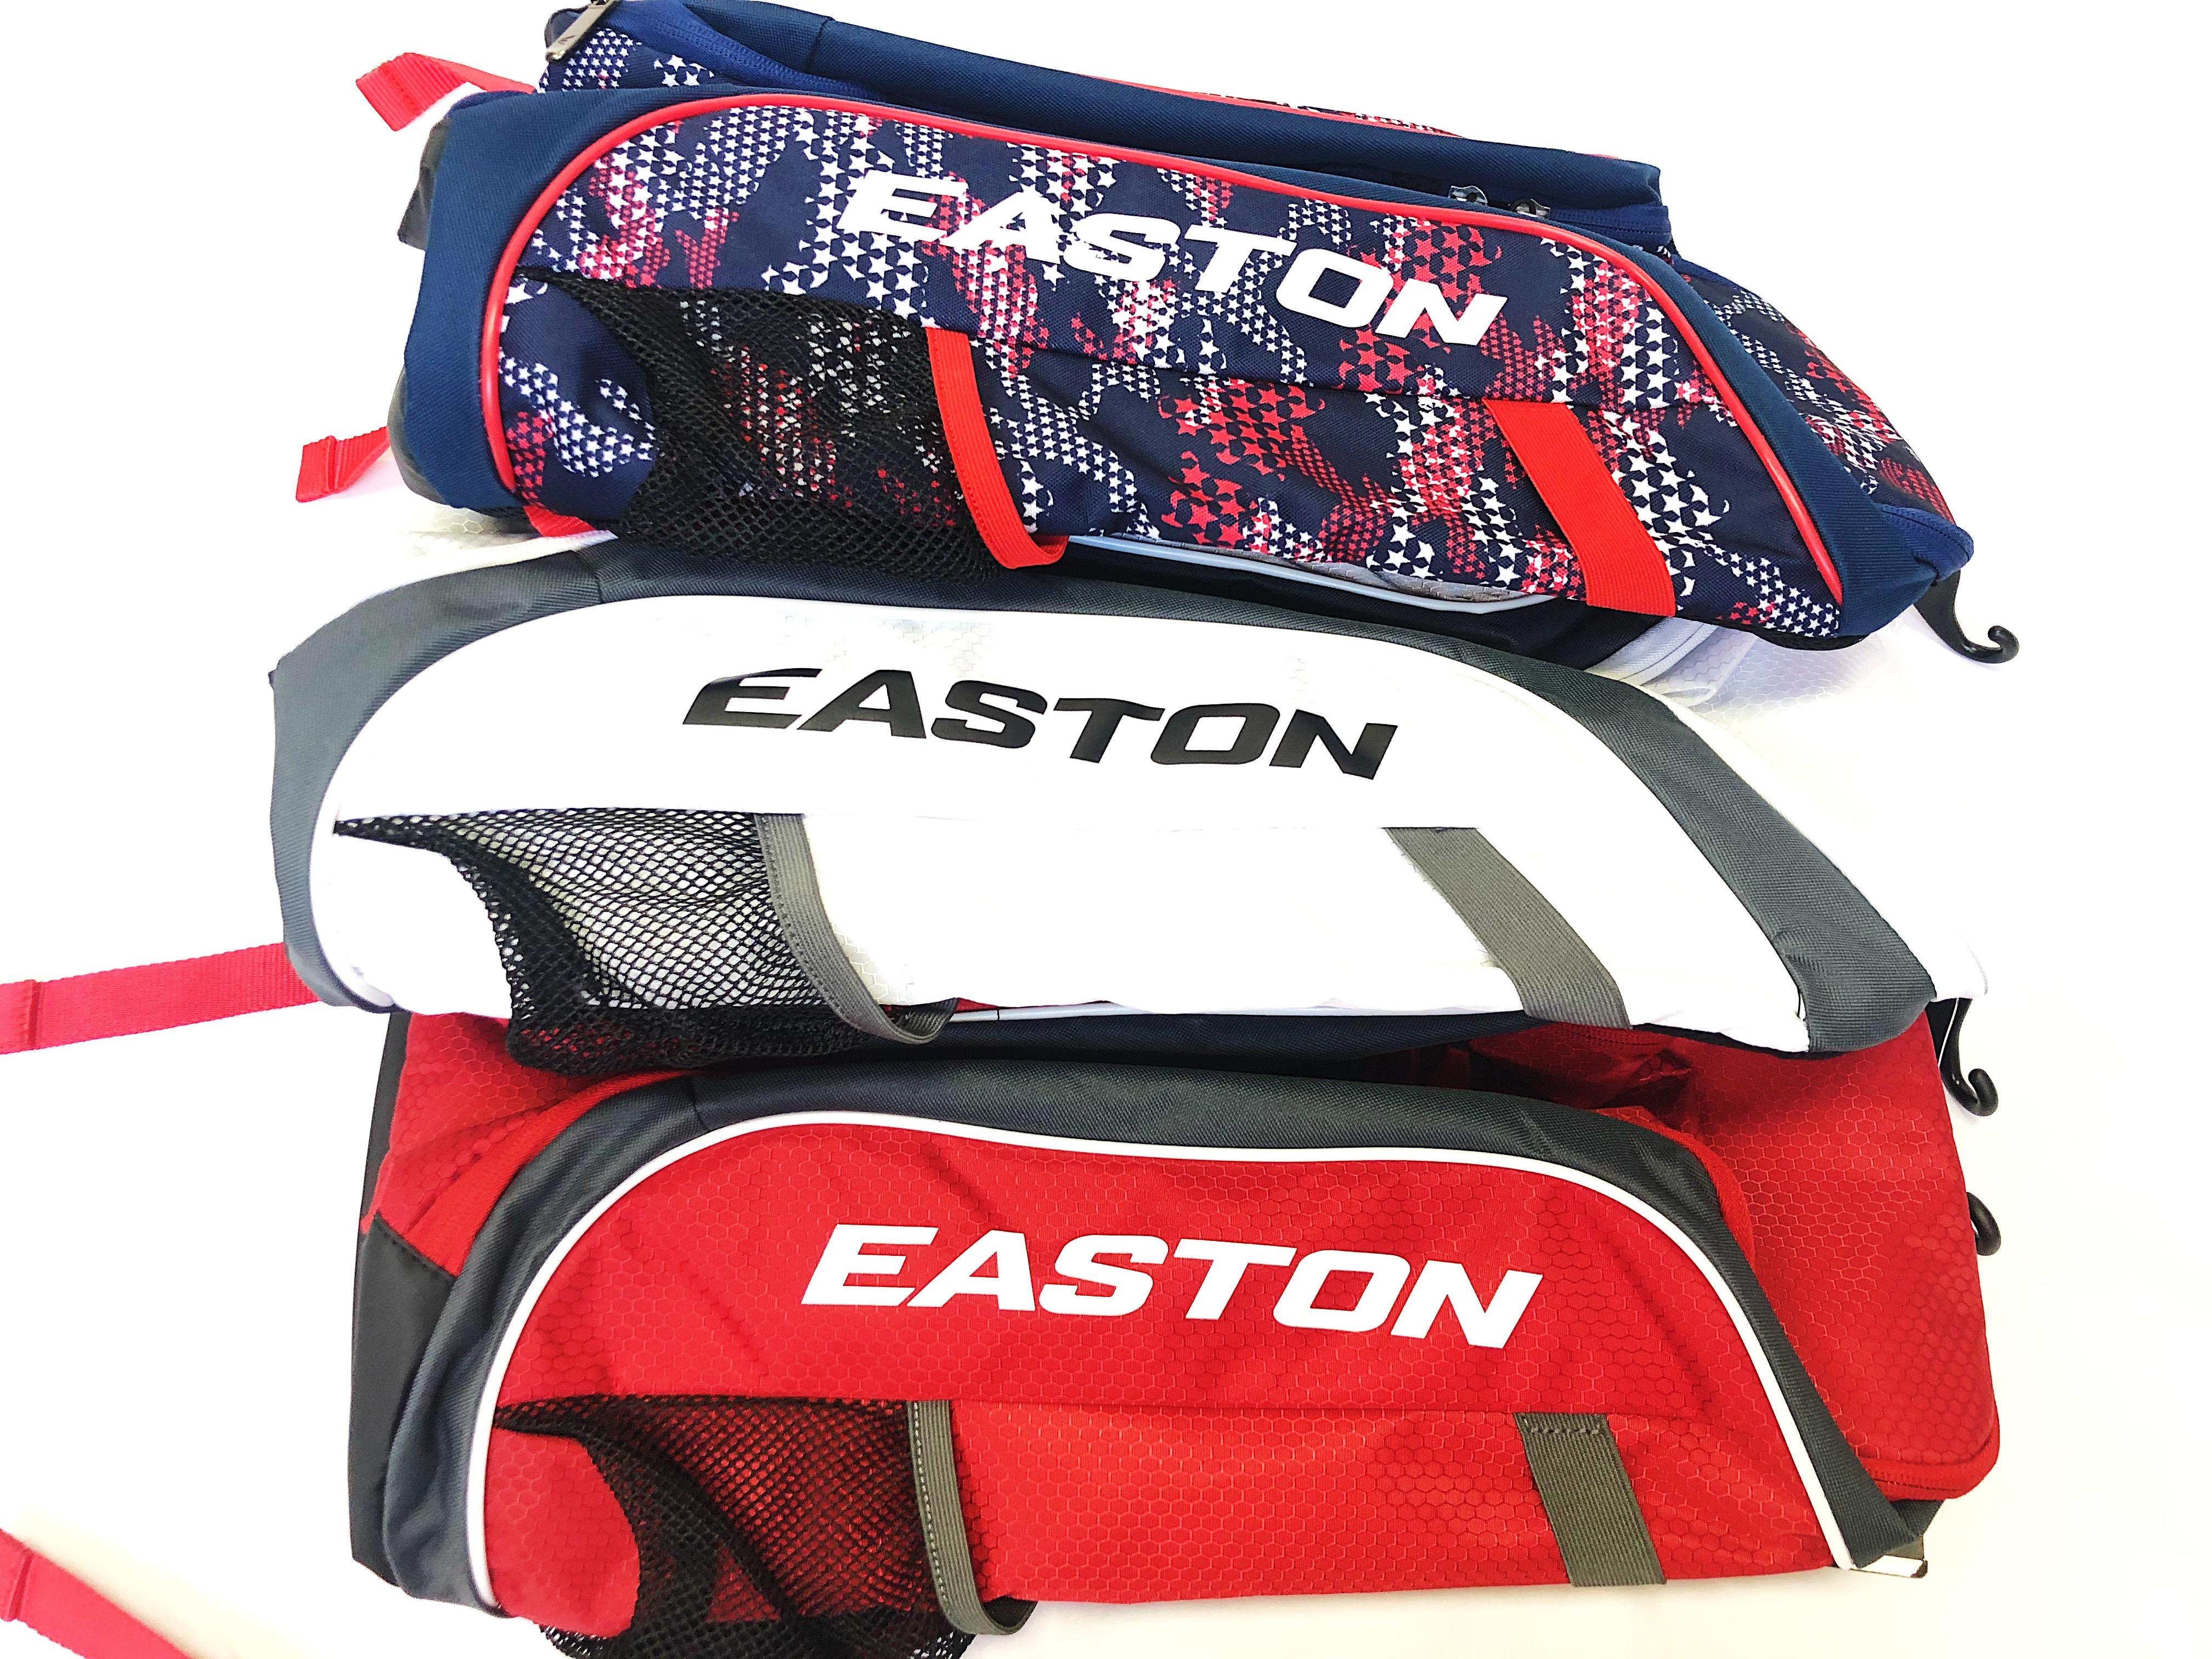 Easton Baseball Bags